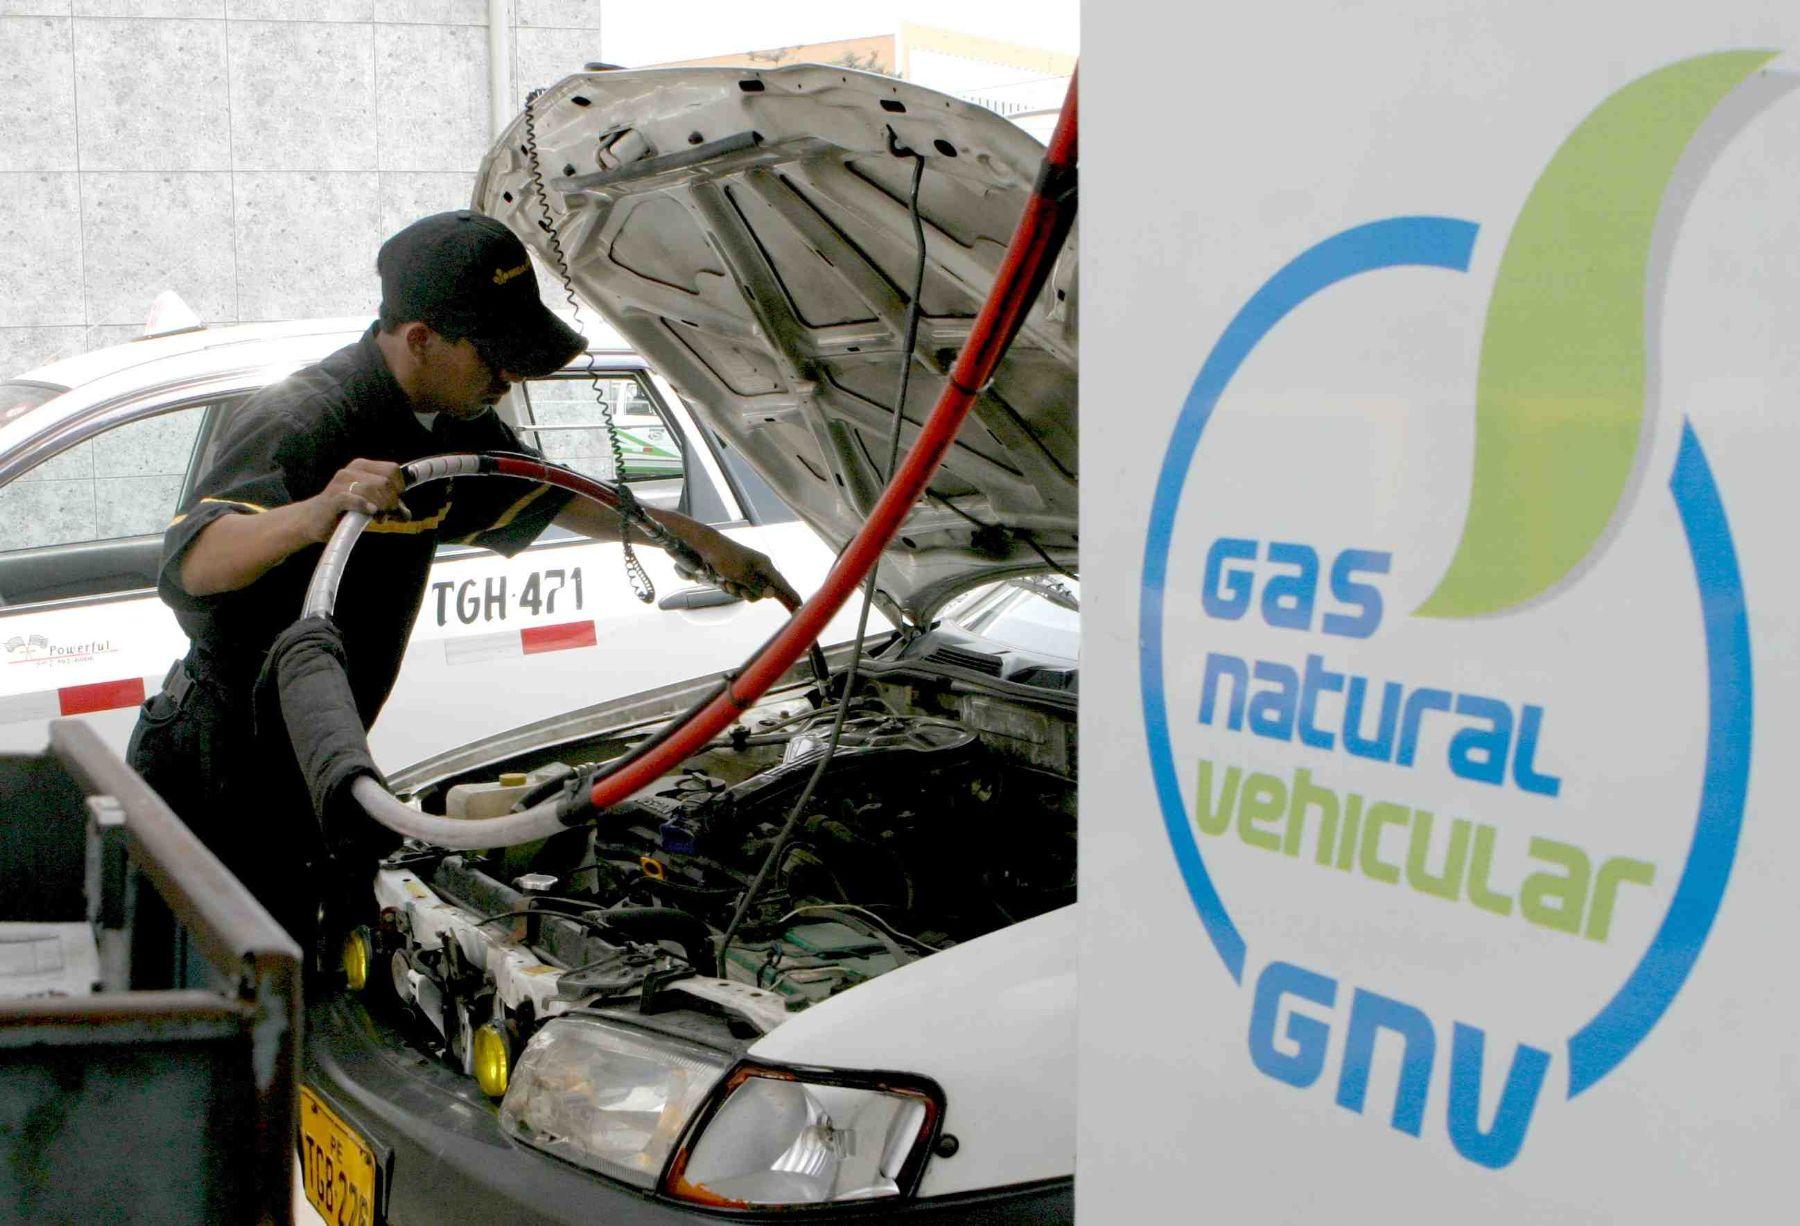 MEM señala que se tomarán medidas para el suministro de GNV no se vea afectado